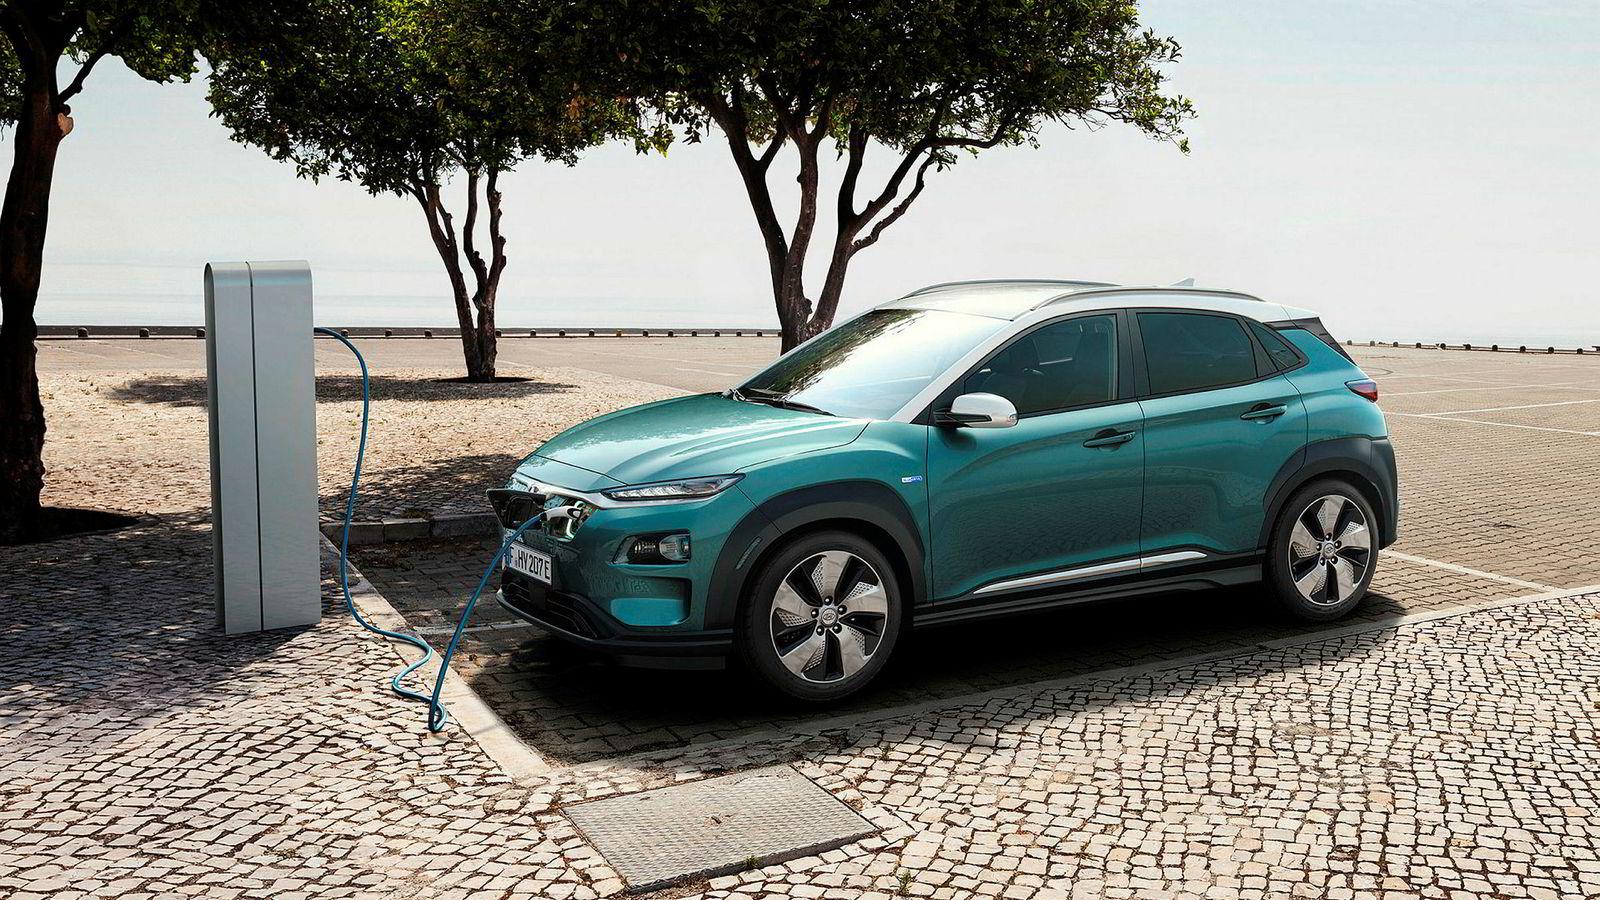 Med suv-utseende og ladeluke skal Hyundai Kona erobre norske kunder.